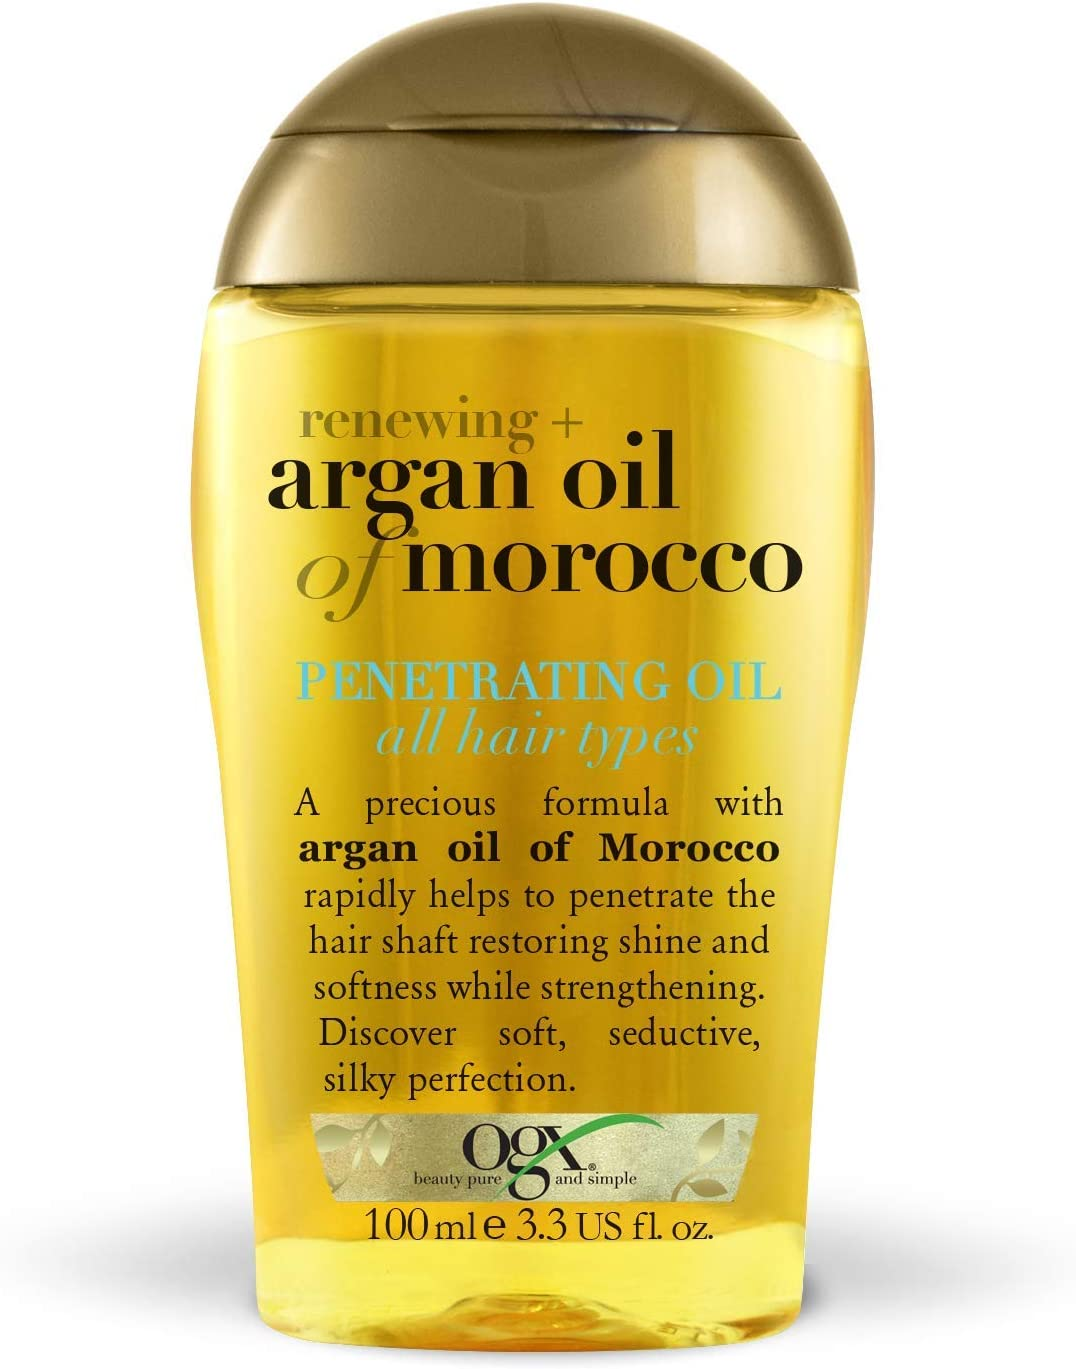 OGX Aceite de Argán de Marruecos, aceite penetrante, pelo radiante, sedoso, suave, brillante - 100 ml